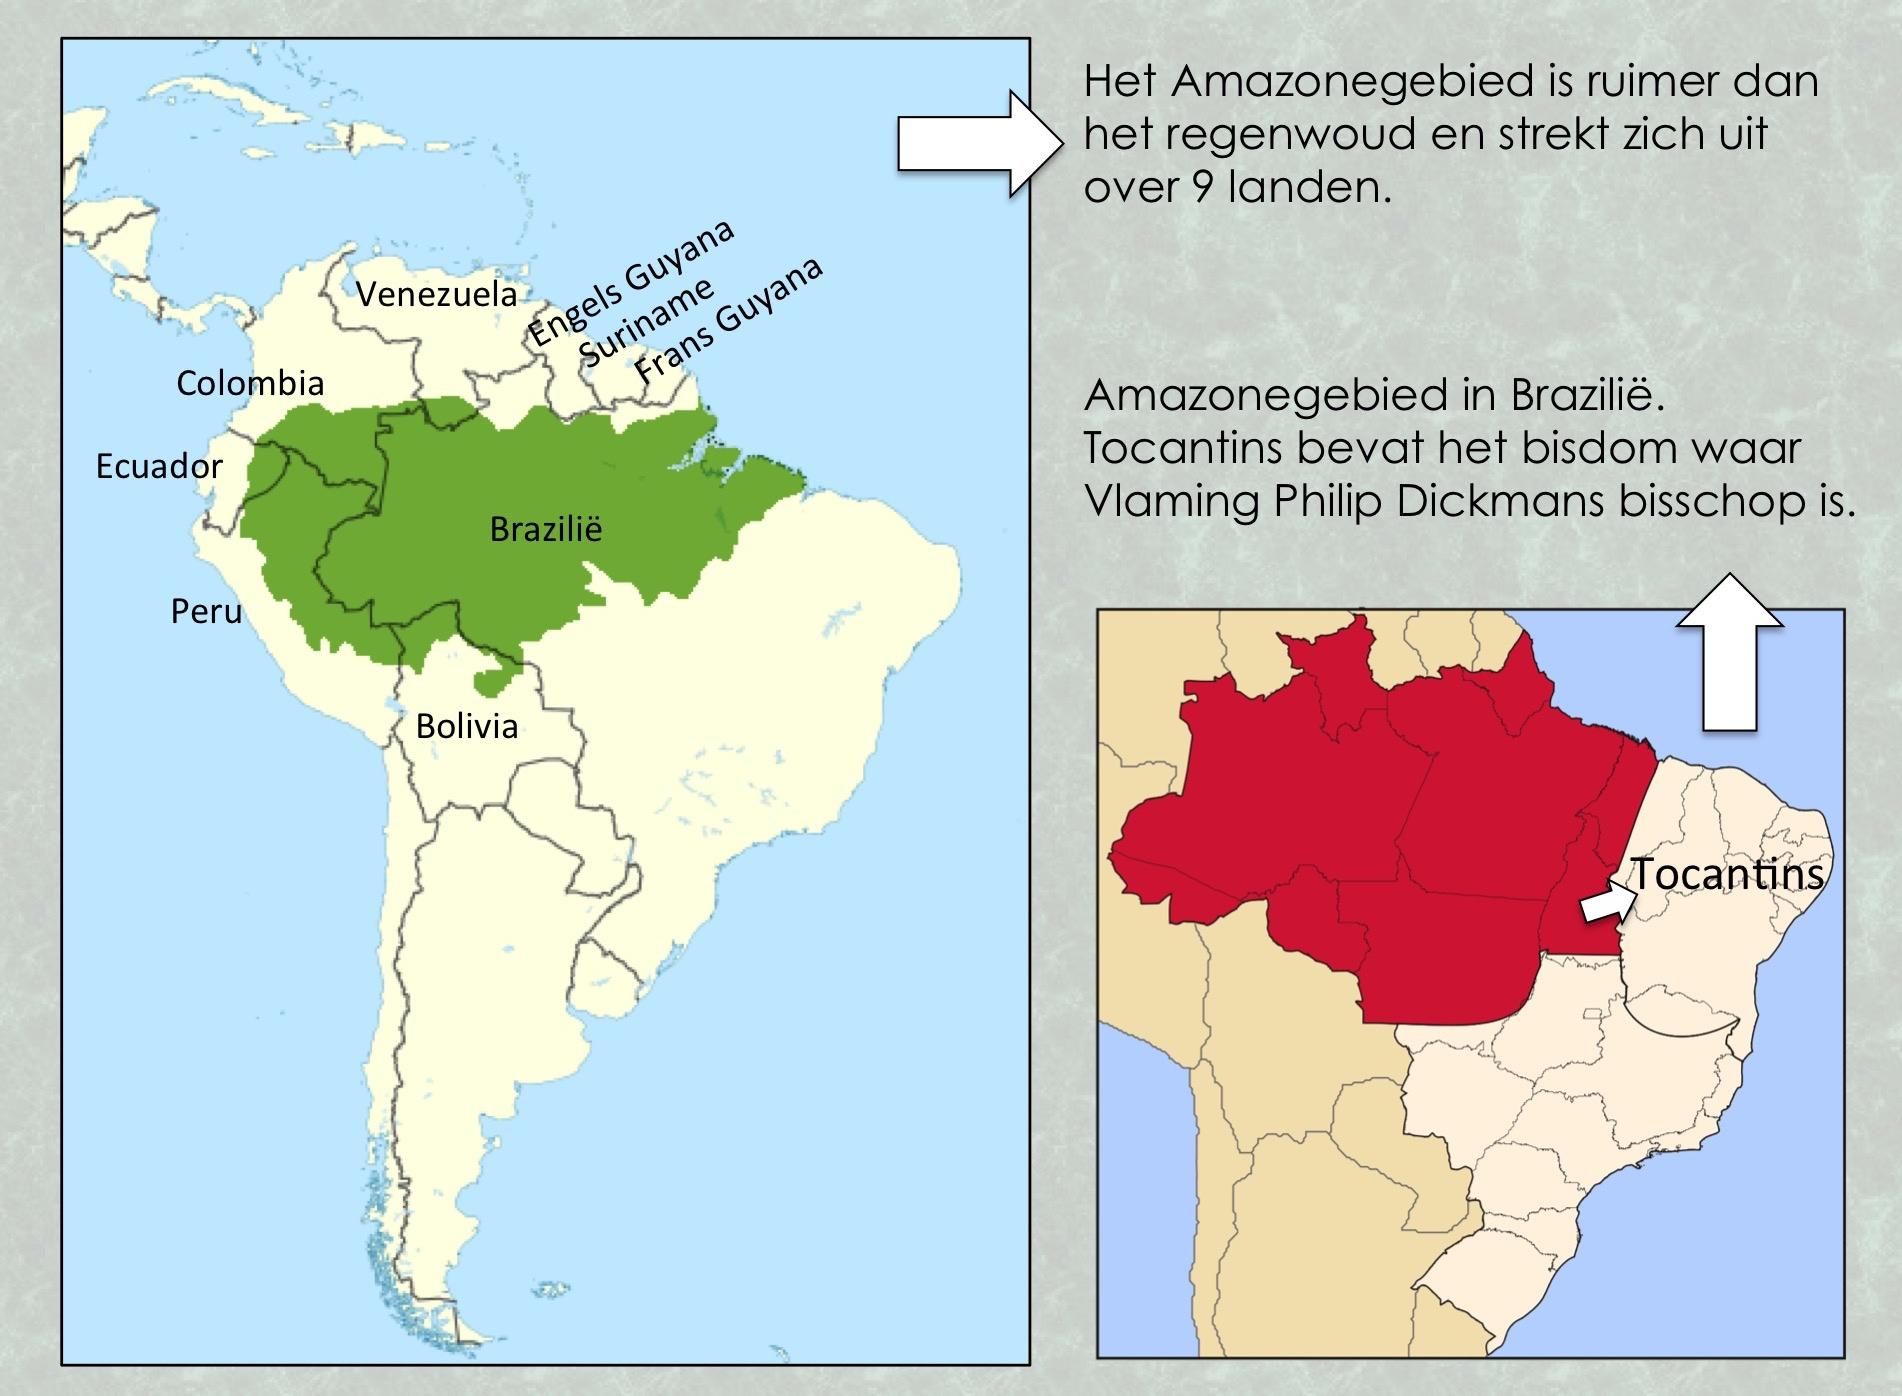 Amazone regenwoud en gebied in Brazilië. © Wikicommons / Lieve Wouters